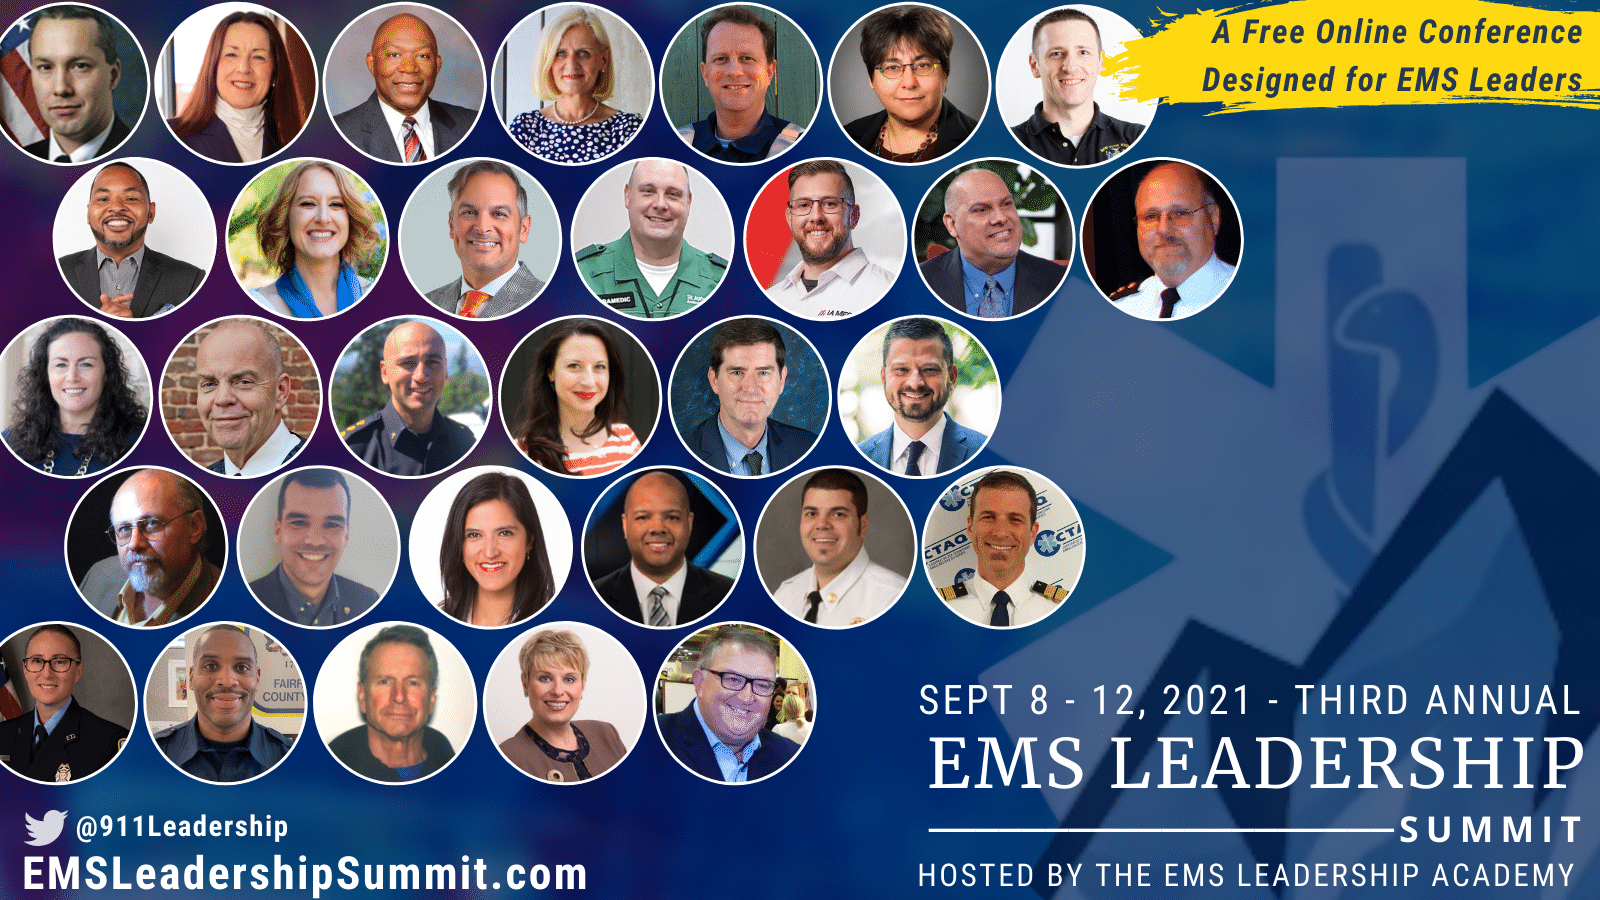 EMS Leadership Summit